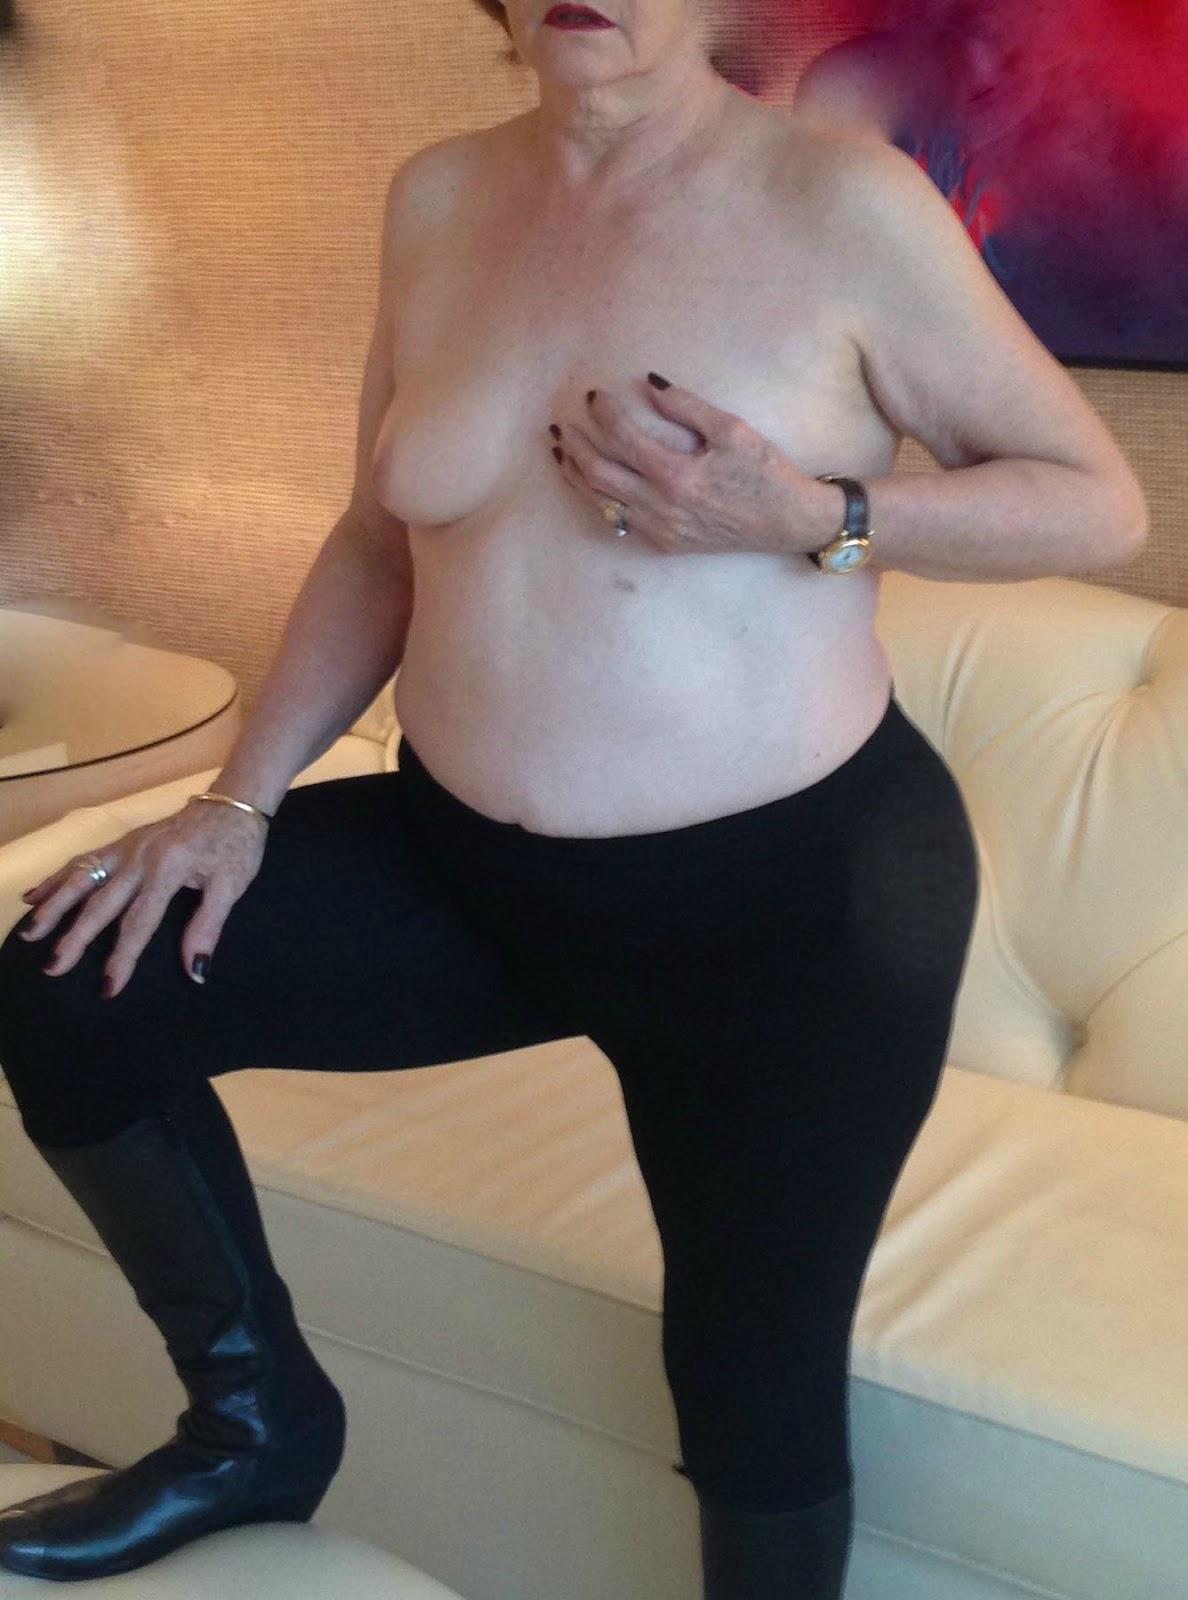 prostitutas cercanas www mujeres putas com